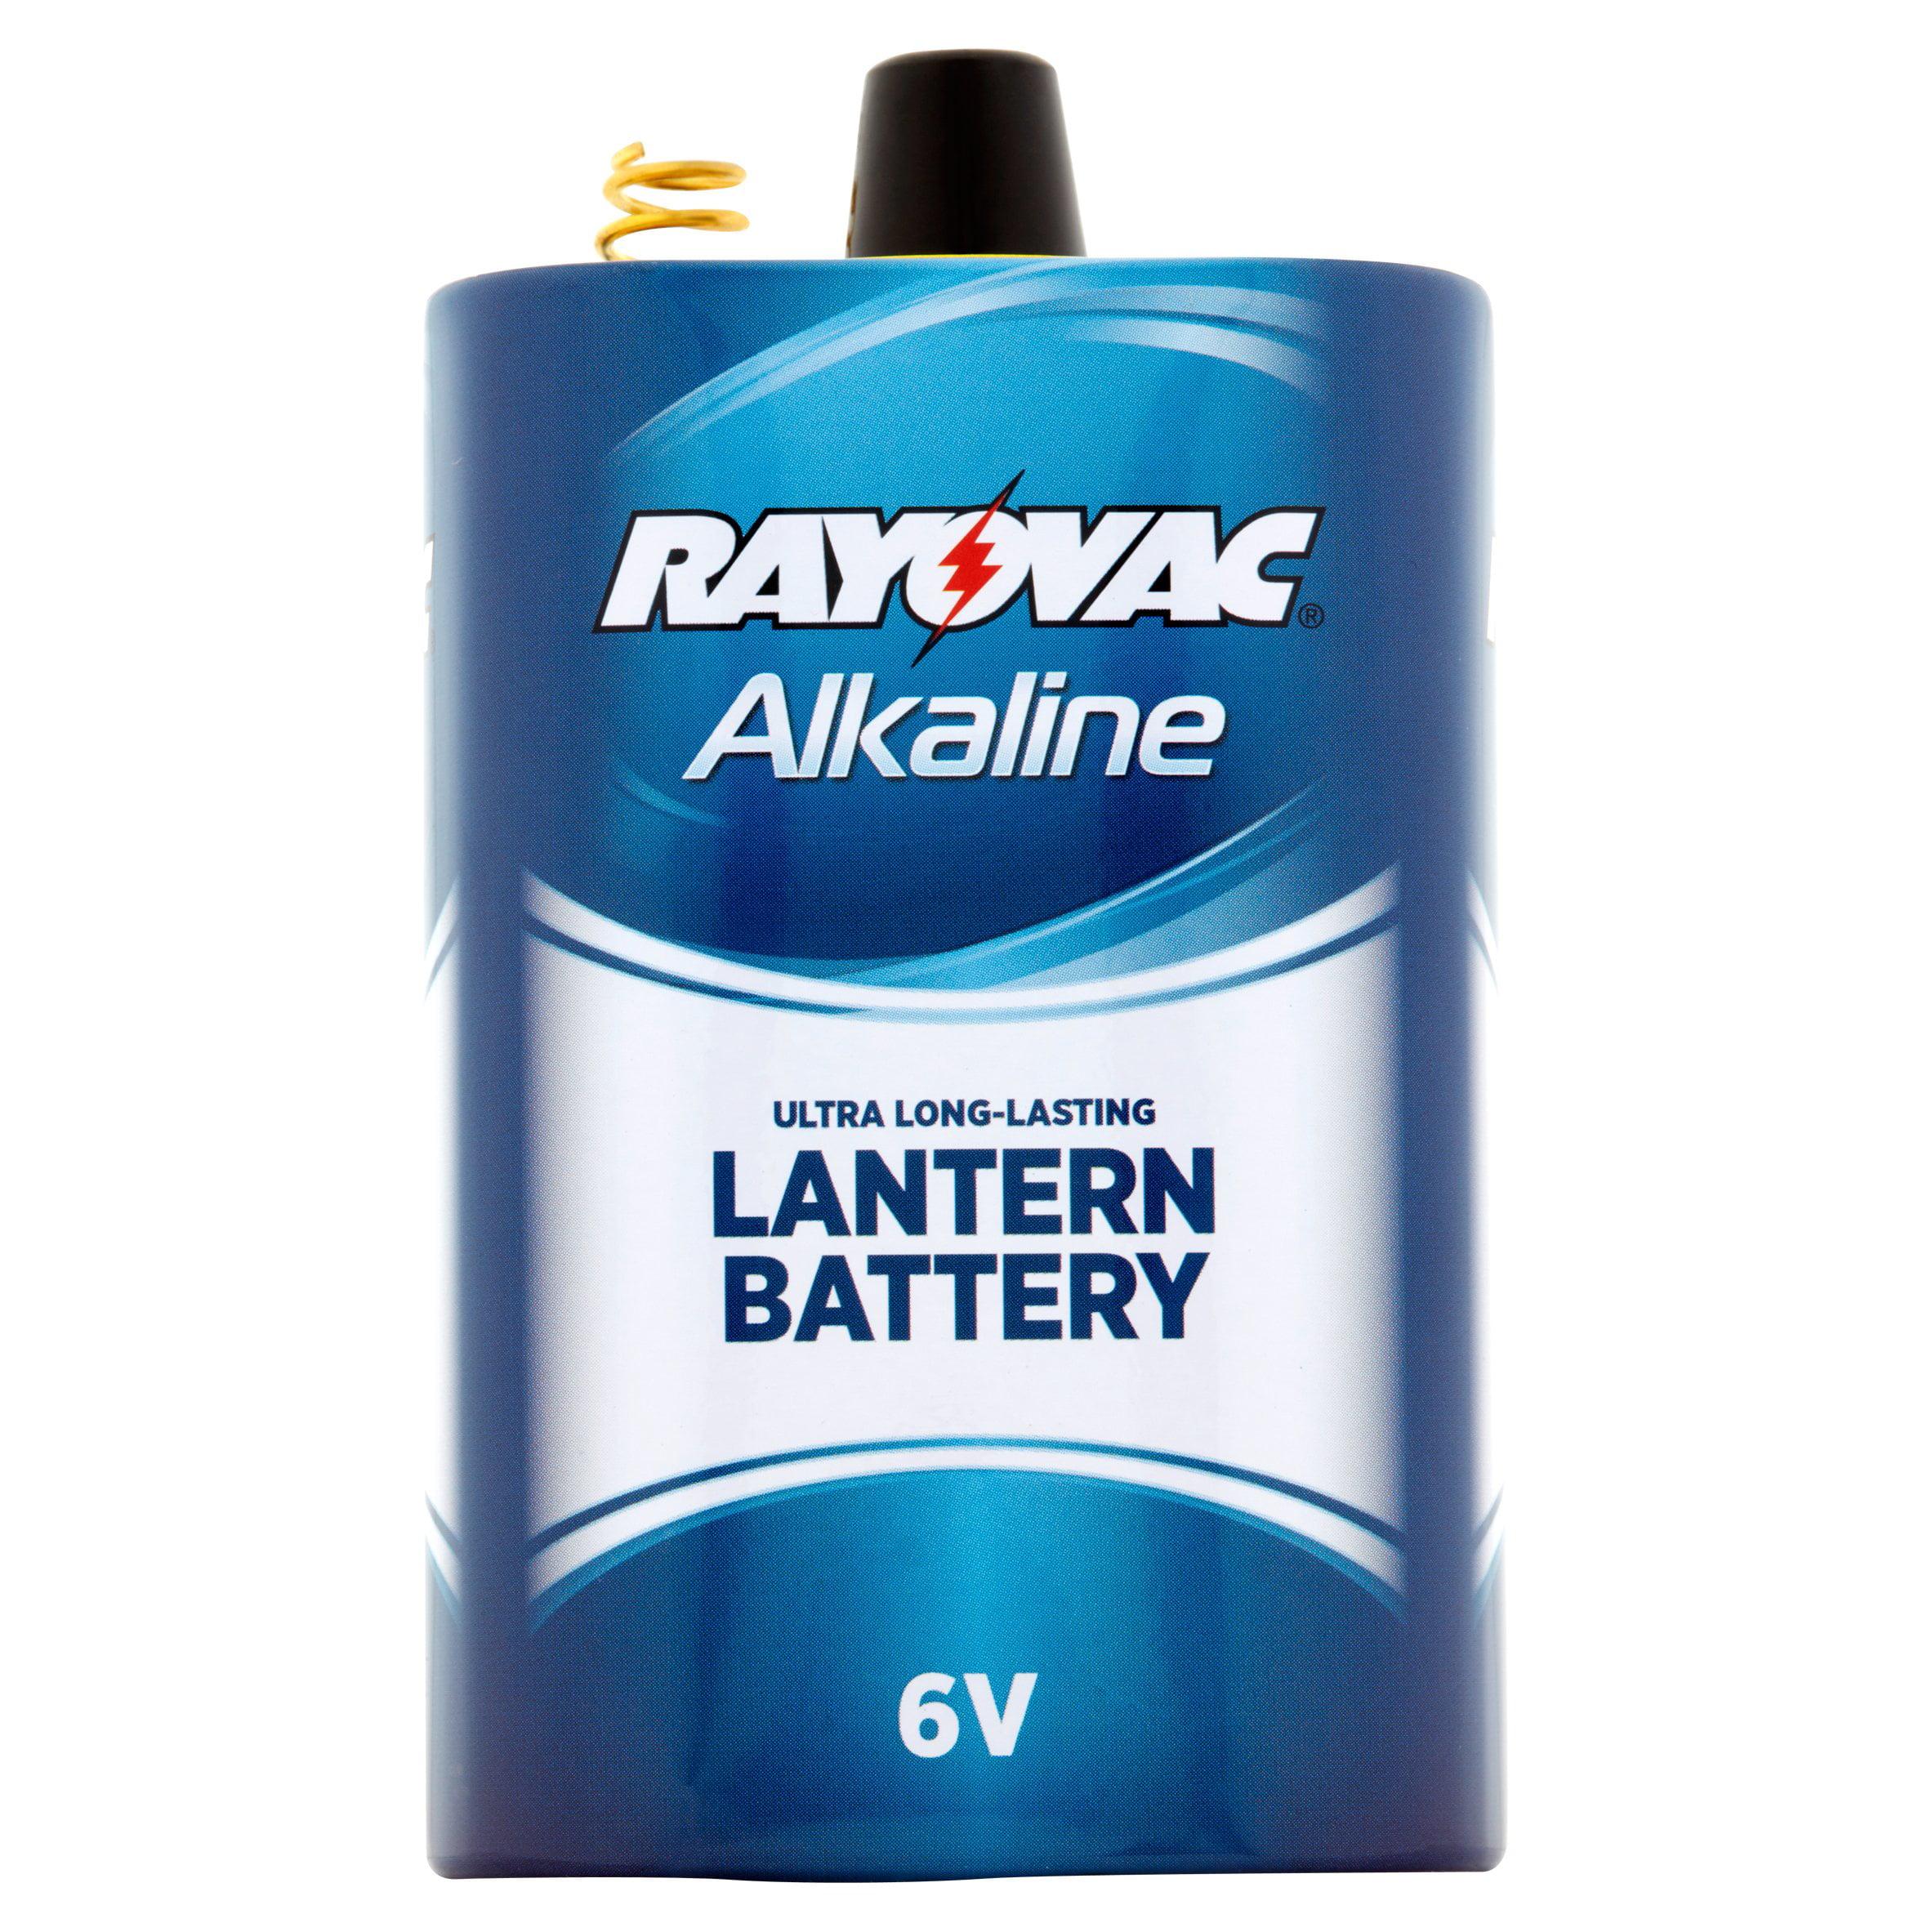 Rayovac 6V Alkaline Lantern Battery